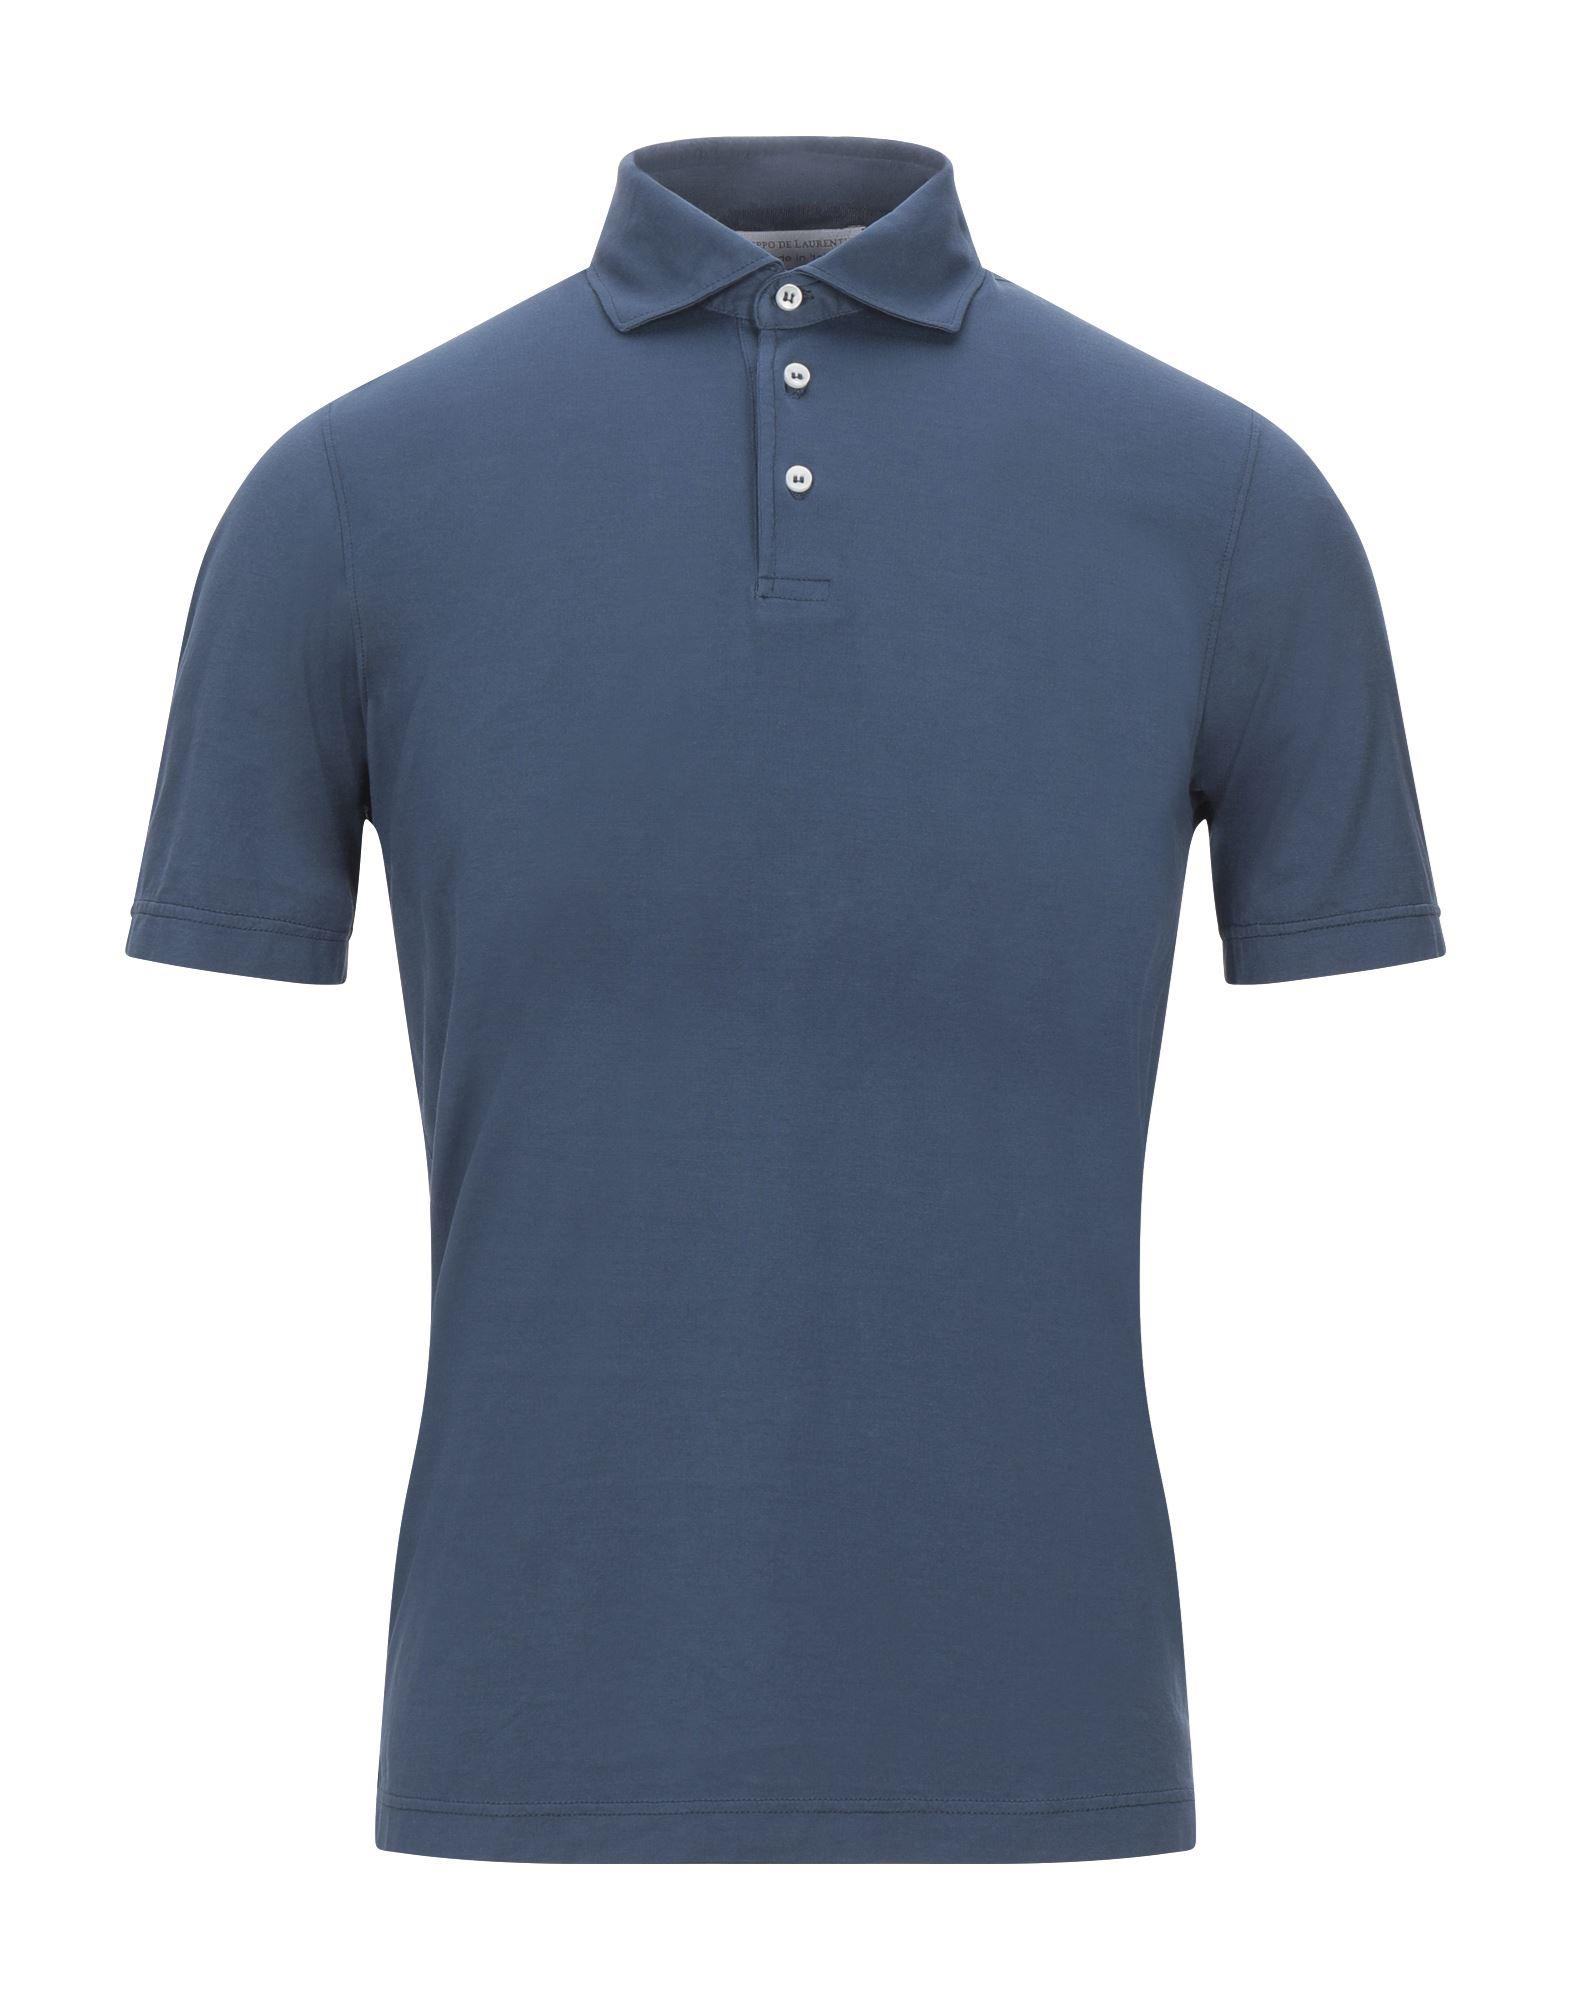 《セール開催中》FILIPPO DE LAURENTIIS メンズ ポロシャツ ダークブルー 46 コットン 100%